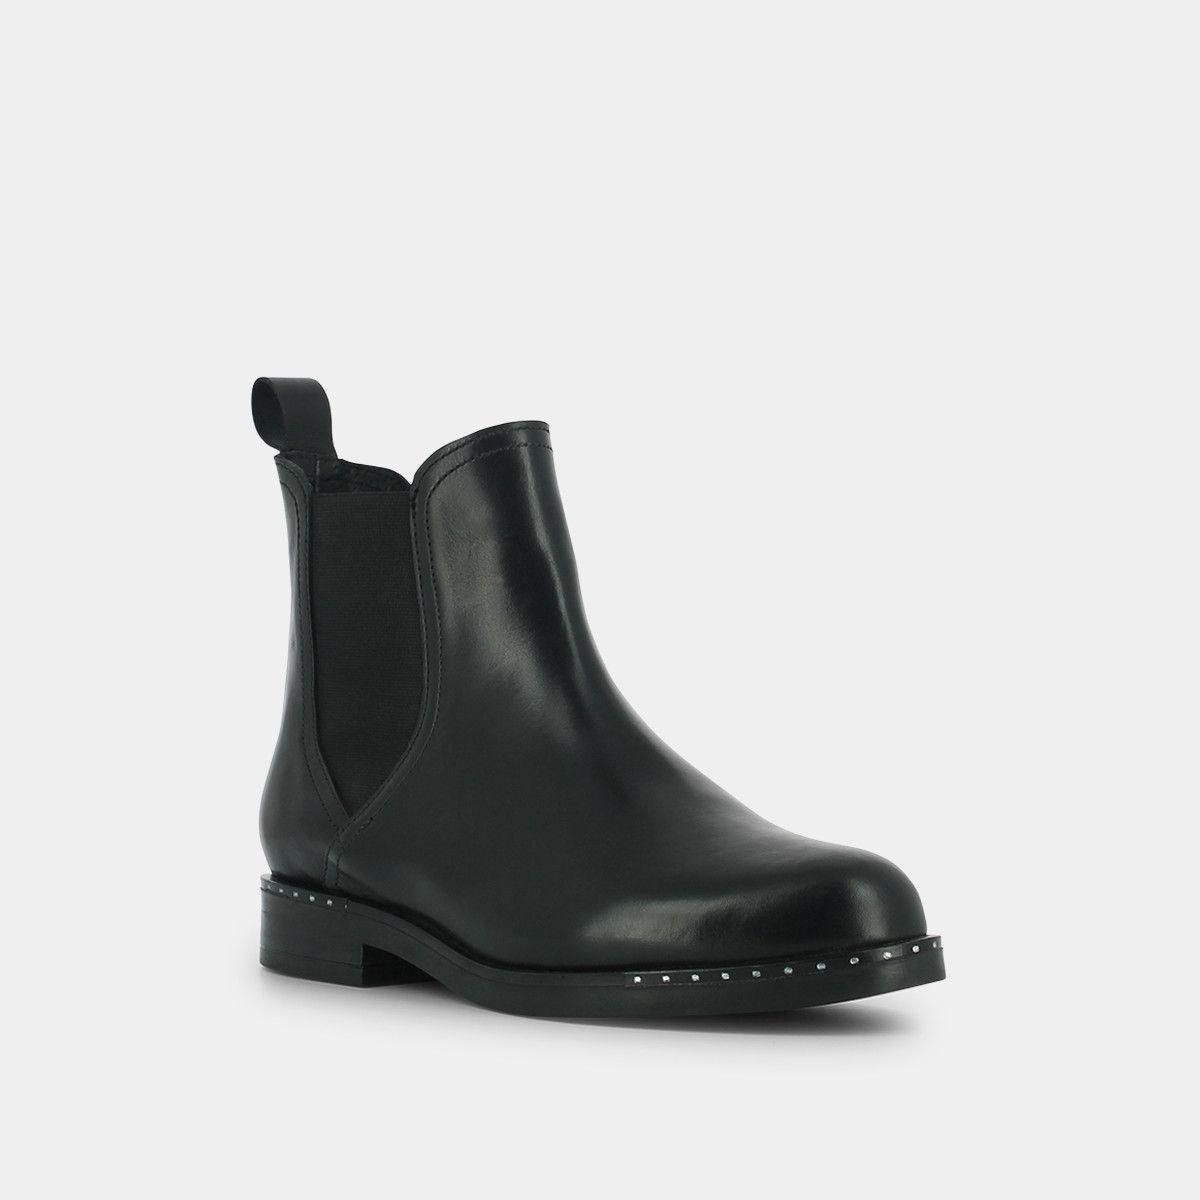 db88924d21b Boots à détails en métal en cuir noir - Jonak noir